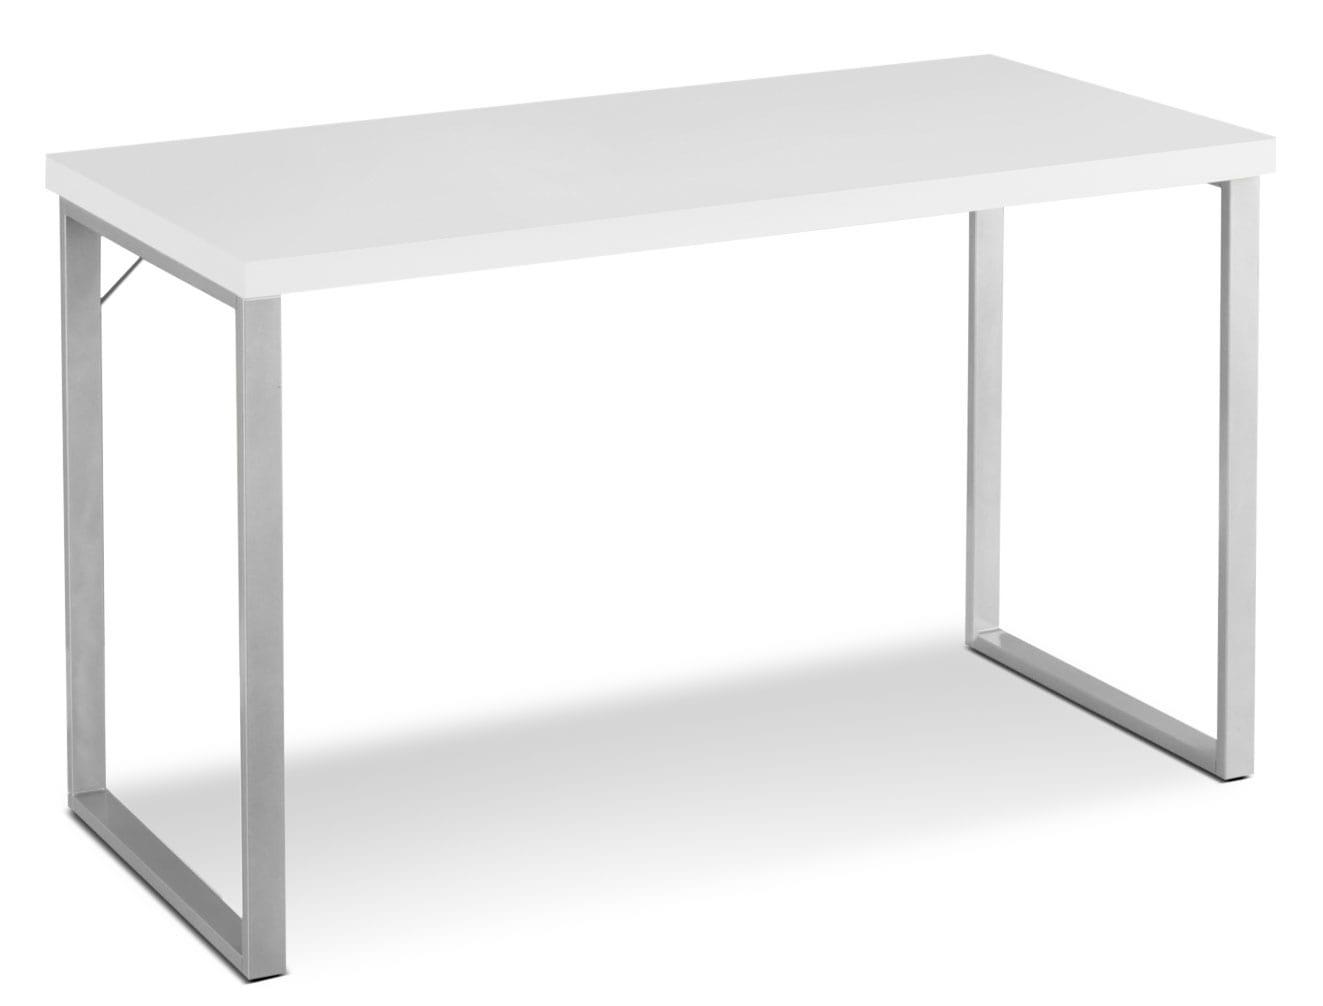 Eslov Desk – White